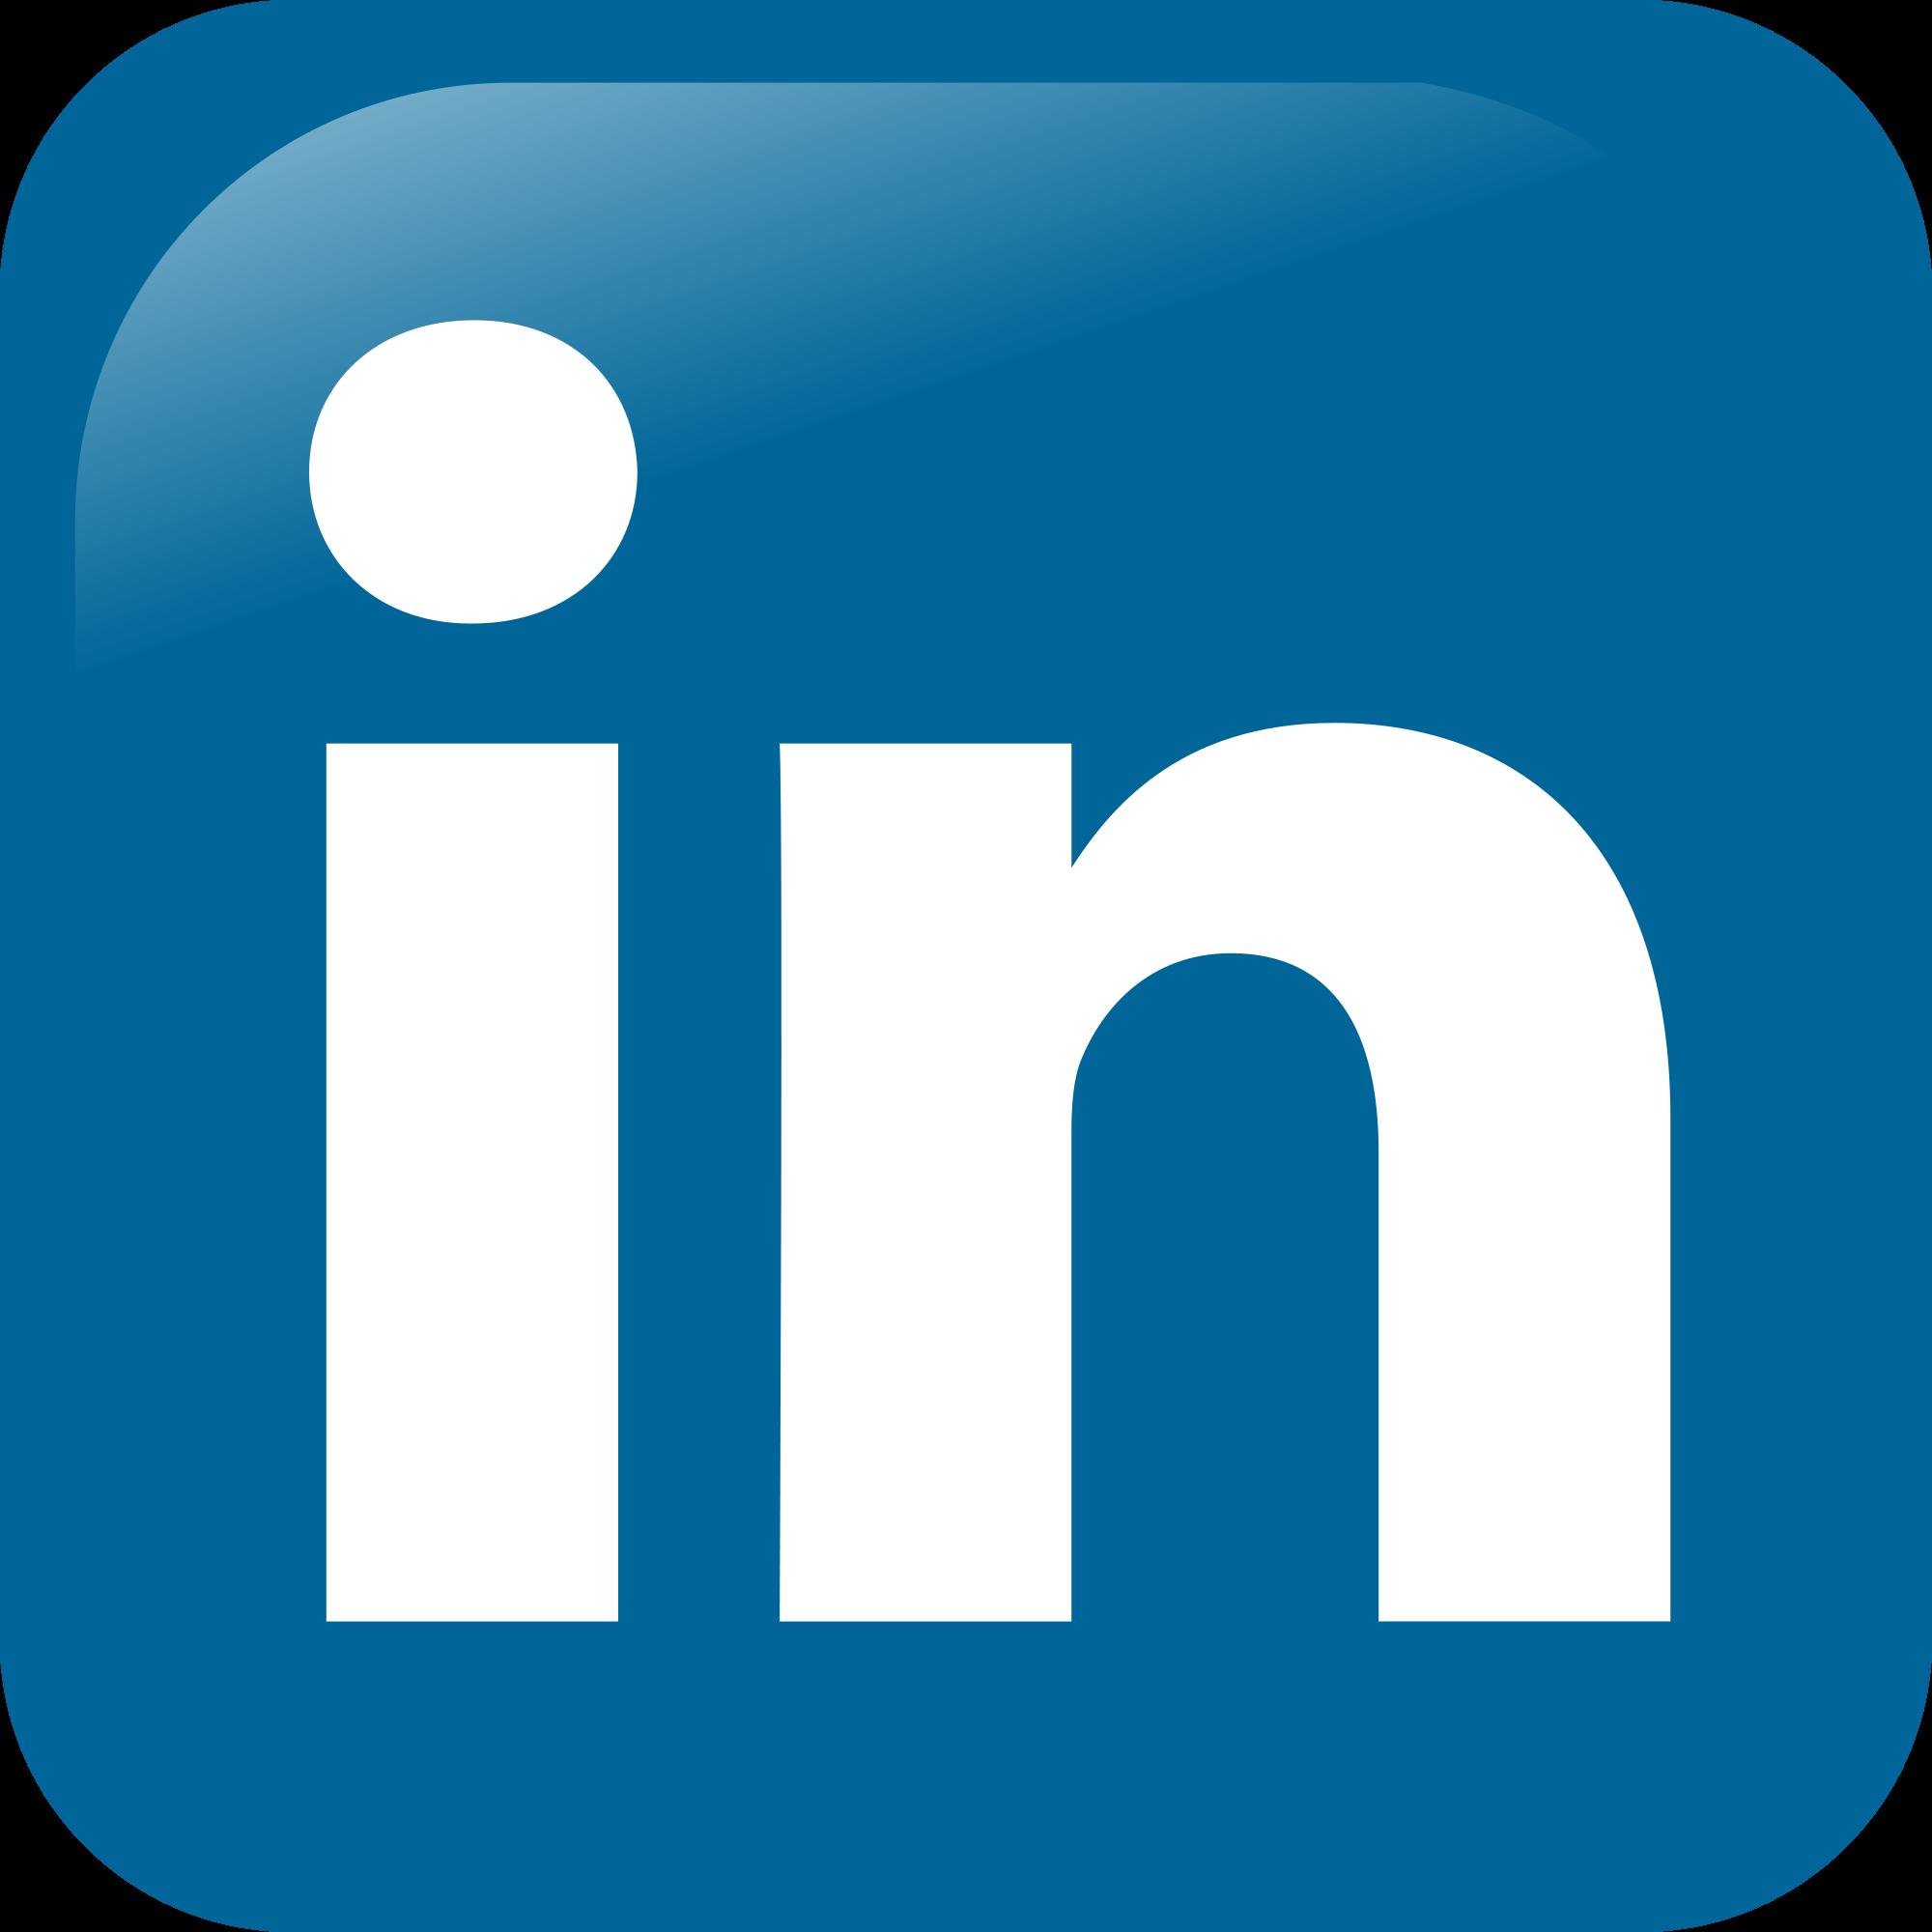 SAMOA Ltd Linkedin Page